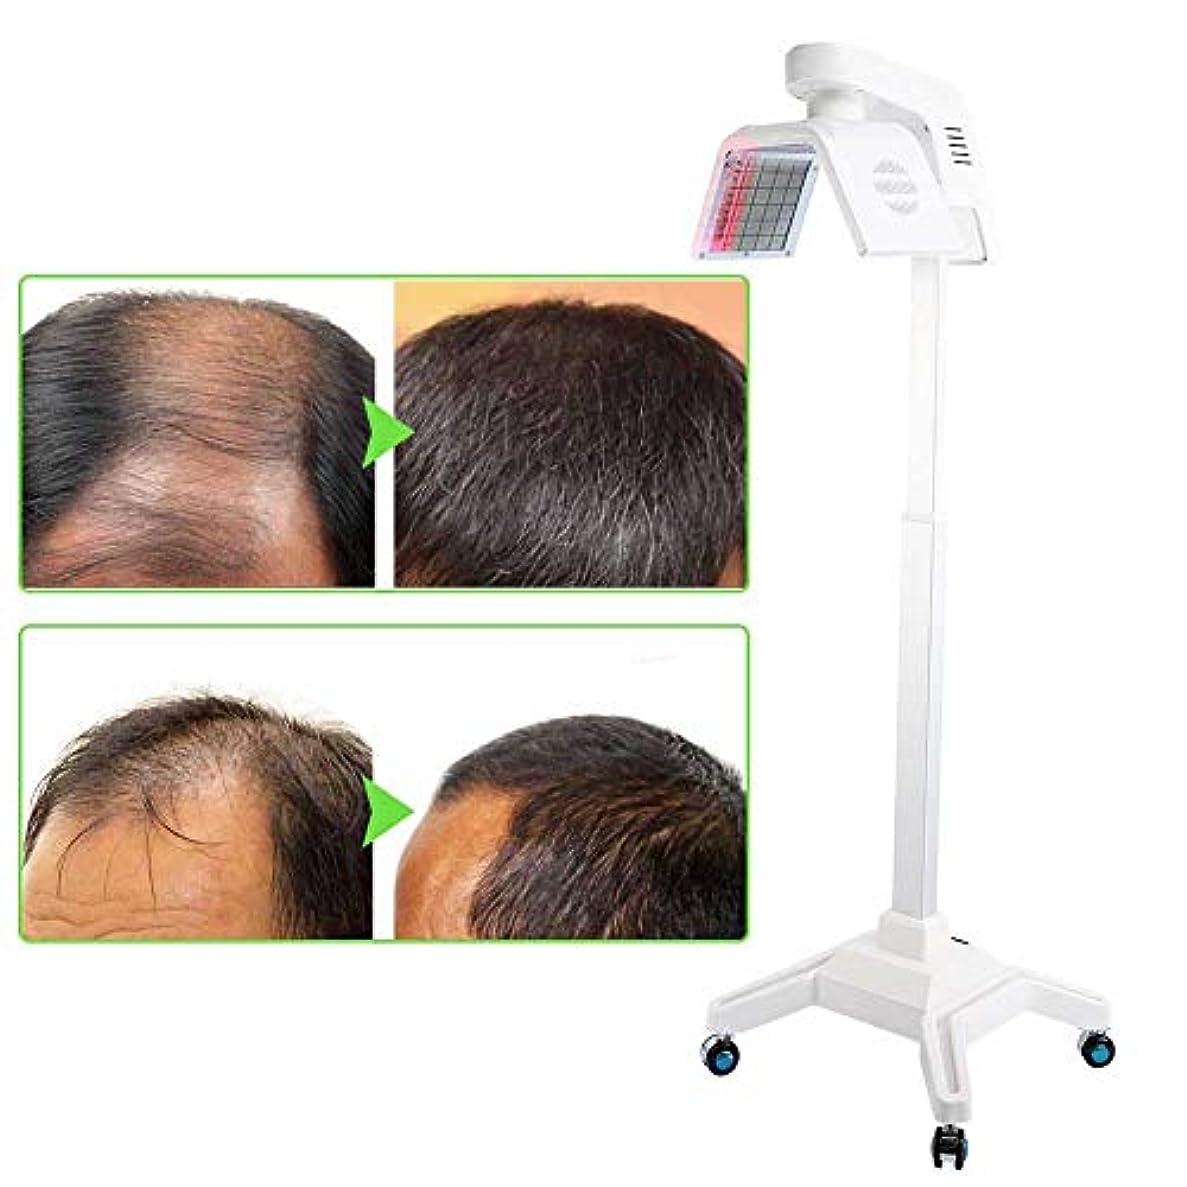 建築吸収剤車両育毛システム650NMは、薄毛の男性と女性のための髪の再成長マシンヘアケアデバイスを刺激します。